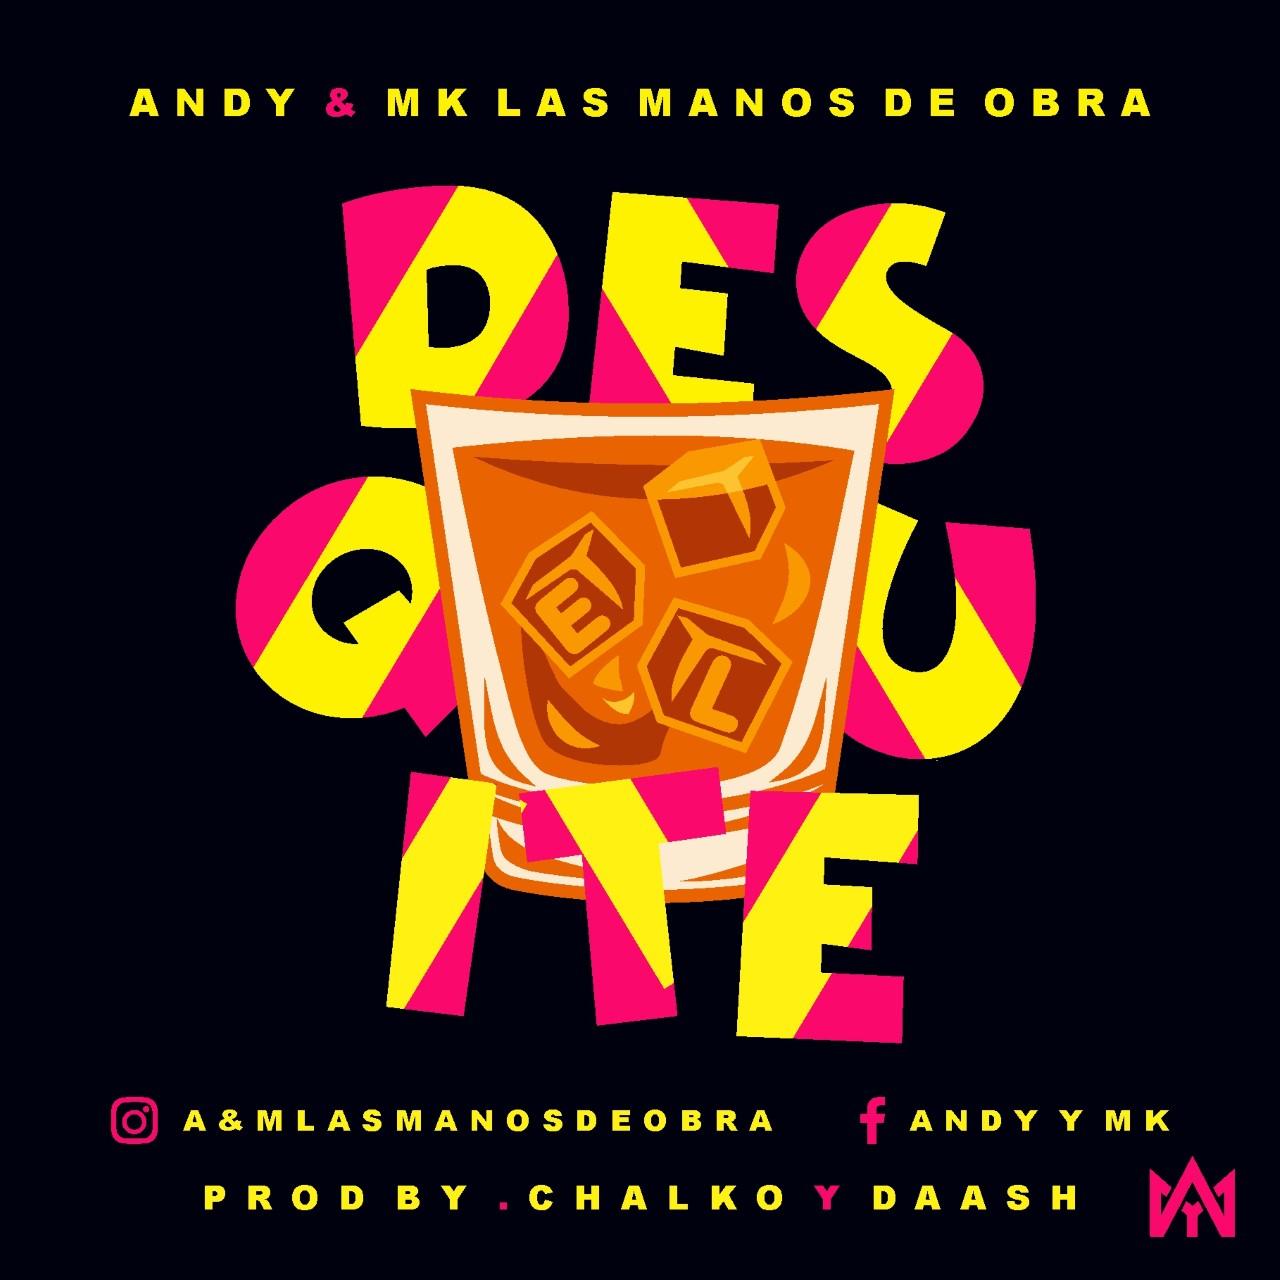 """thumbnail COVER EL DESQUITE - Andy Y MK Las Manos De Obras listos para soltar """"EL Desquiter"""" este viernes"""